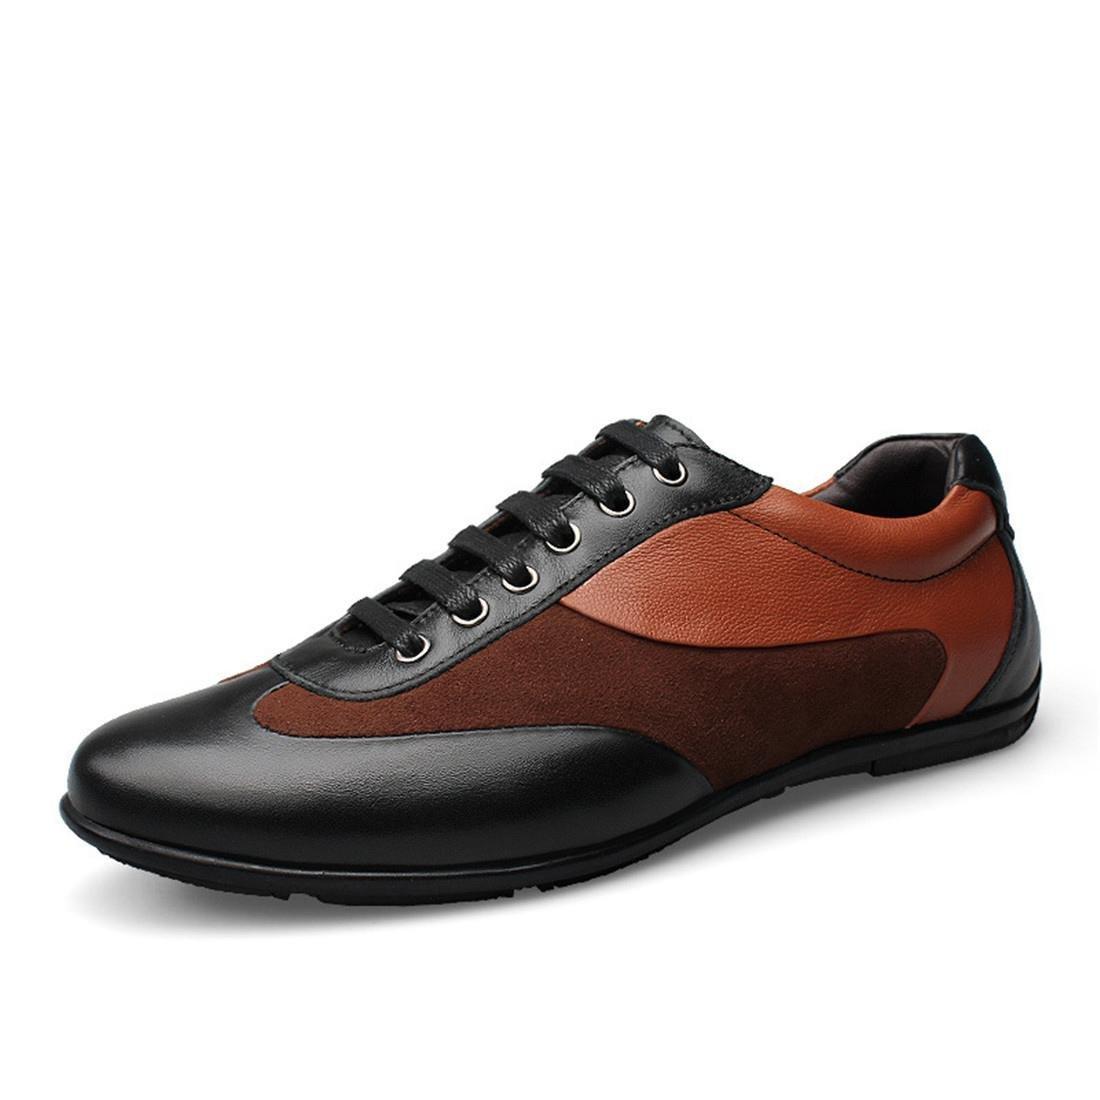 Herren Atmungsaktiv Freizeit Lederschuhe Lässige Schuhe Licht Gemütlich Flache Schuhe Große Größe EUR GRÖSSE 38-48